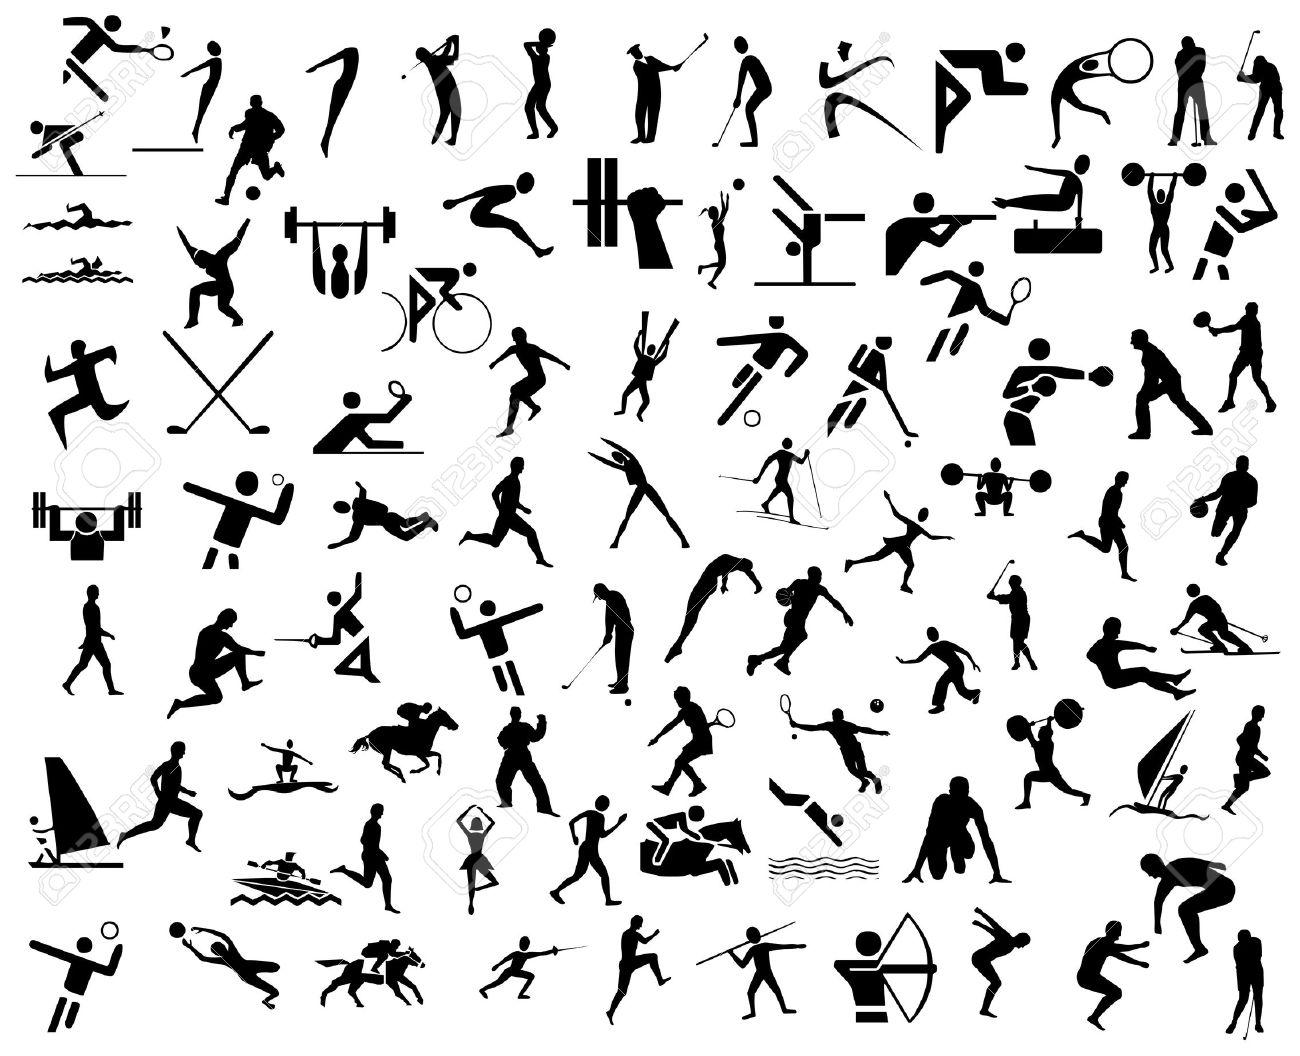 sport icons Stock Photo - 8531220